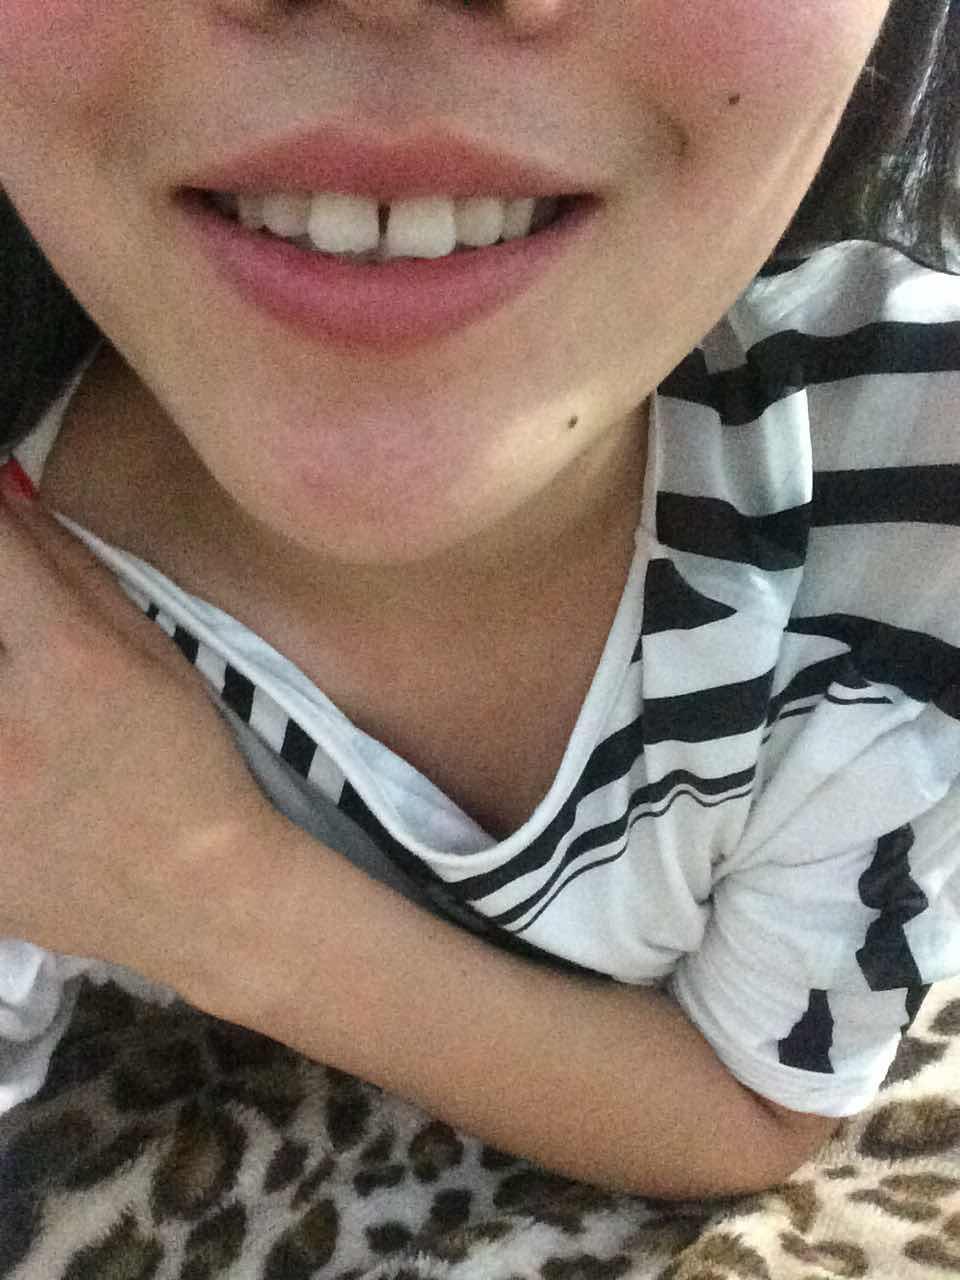 牙齿中间有缝怎么补比较好?牙齿有缝怎么办啊达人们,这个看起来好丑